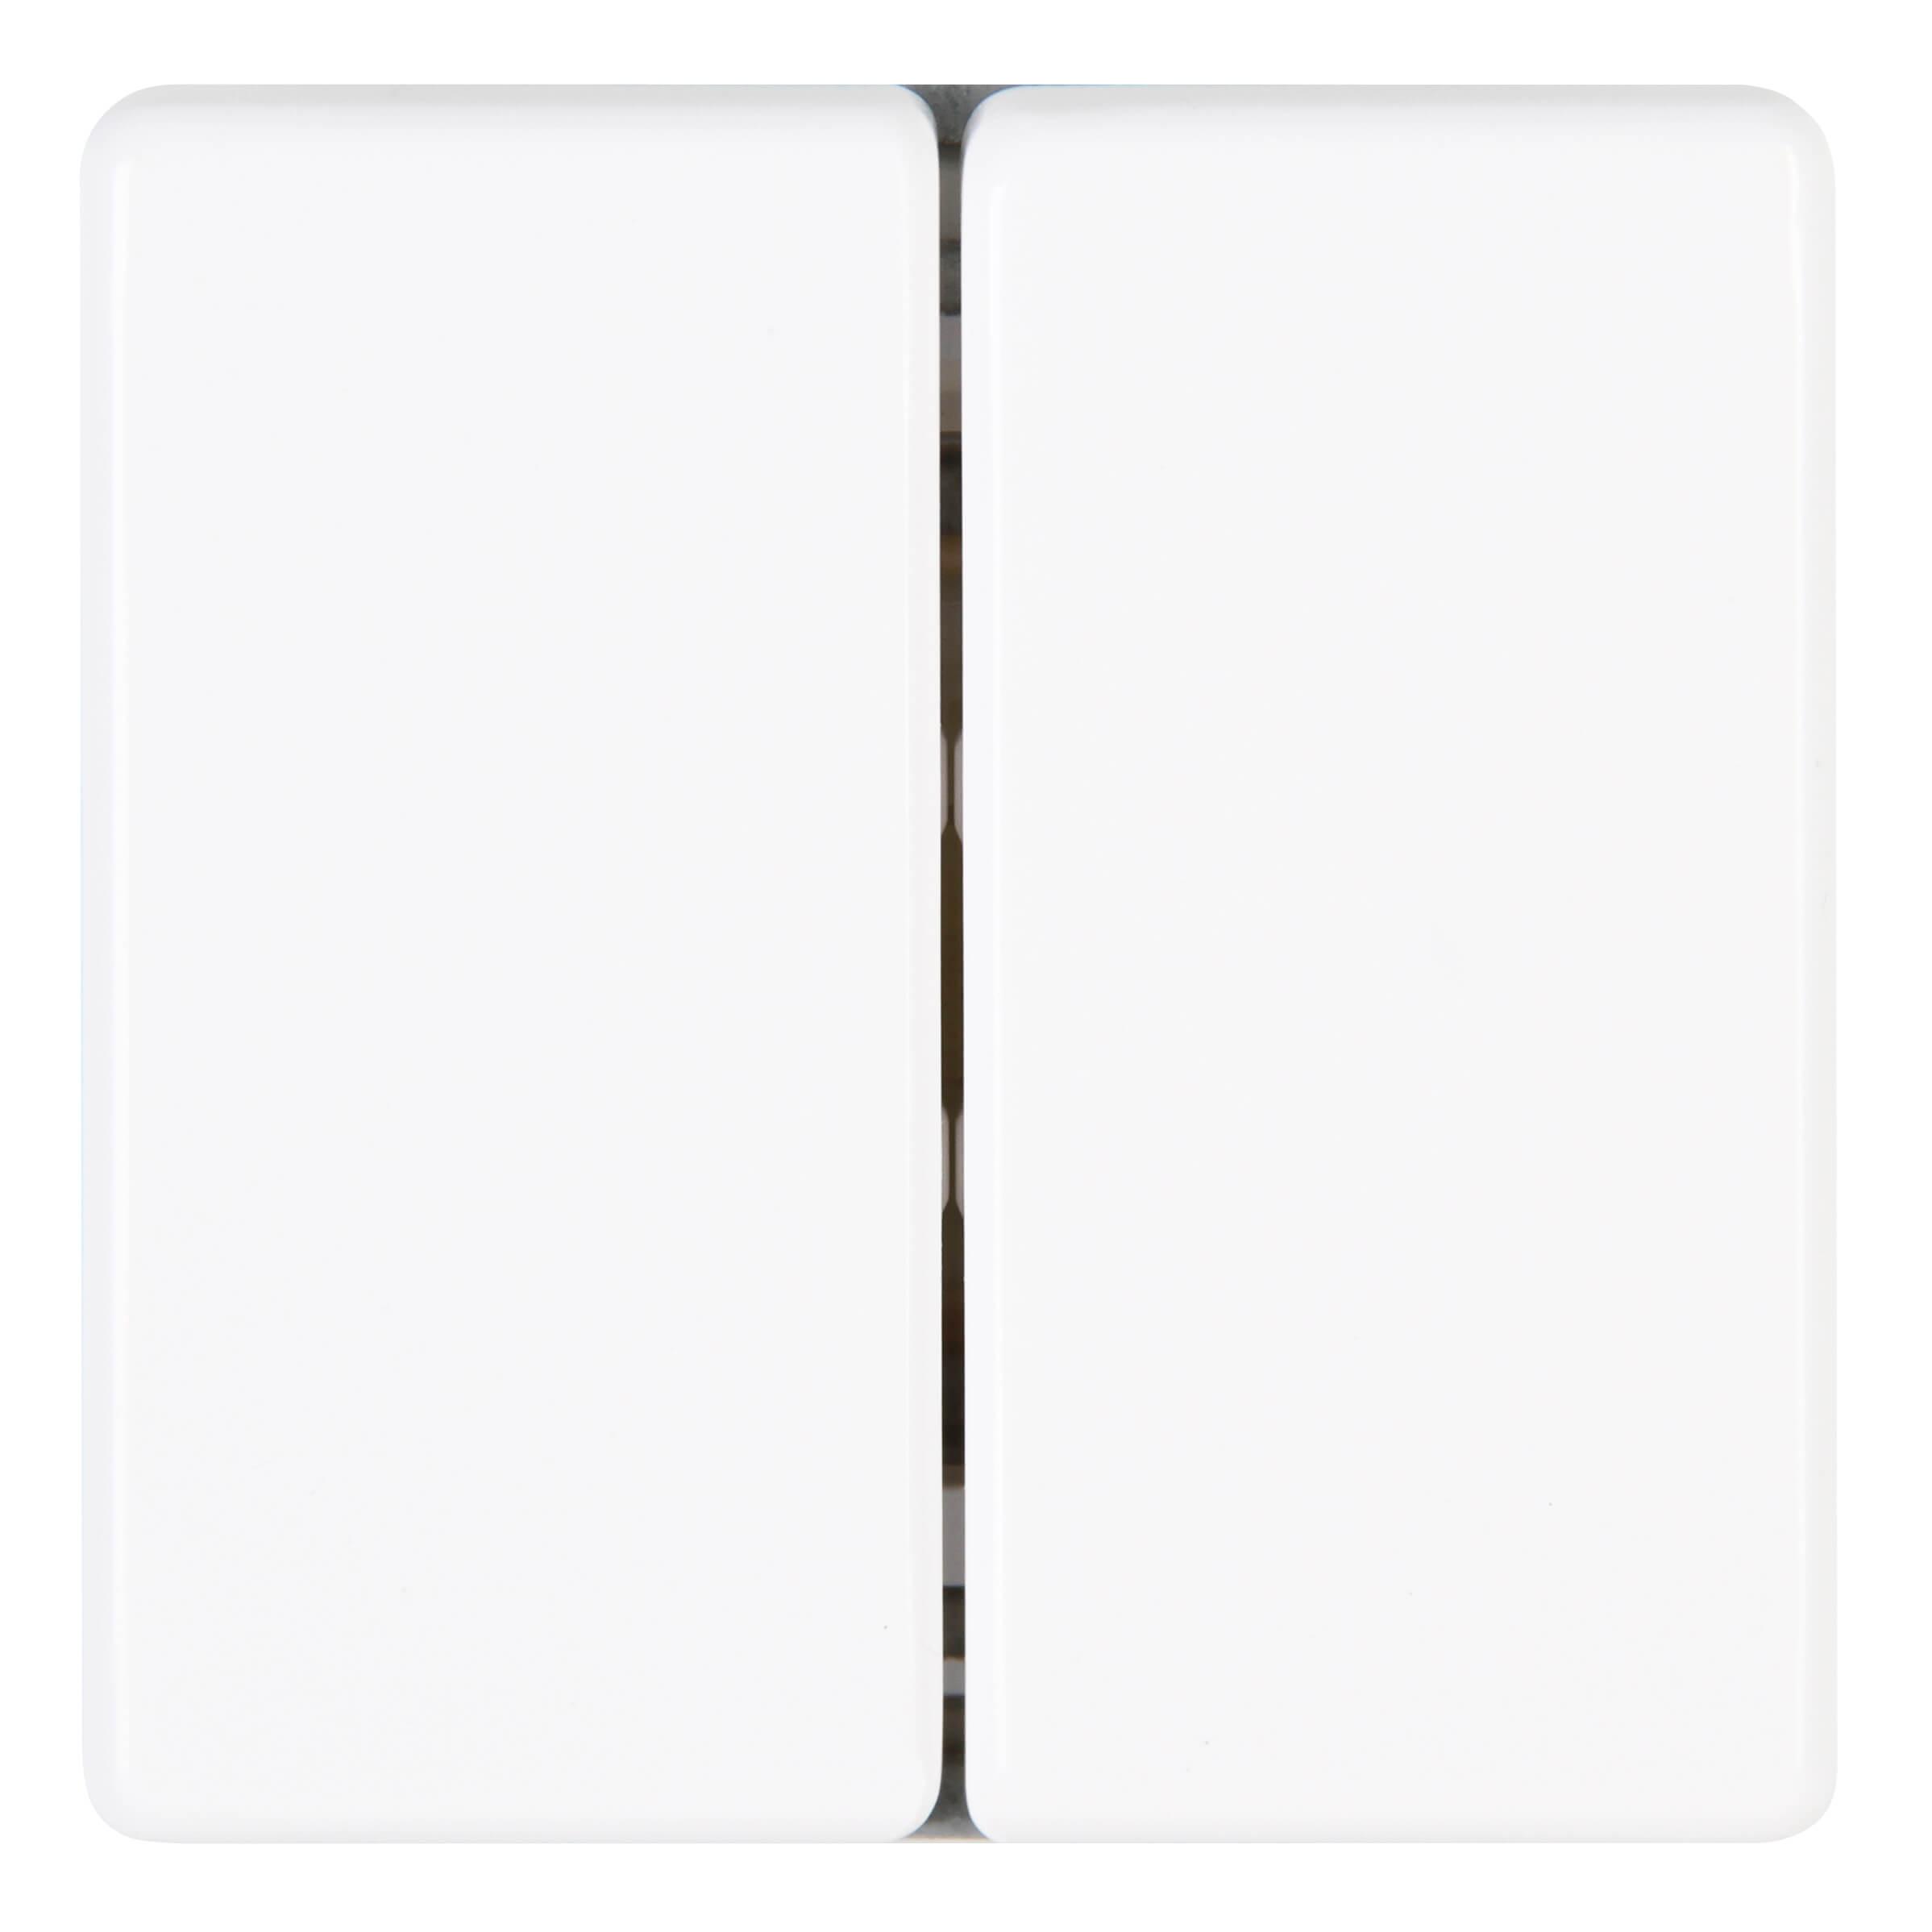 Kopp VISION serieschakelaar arctic wit